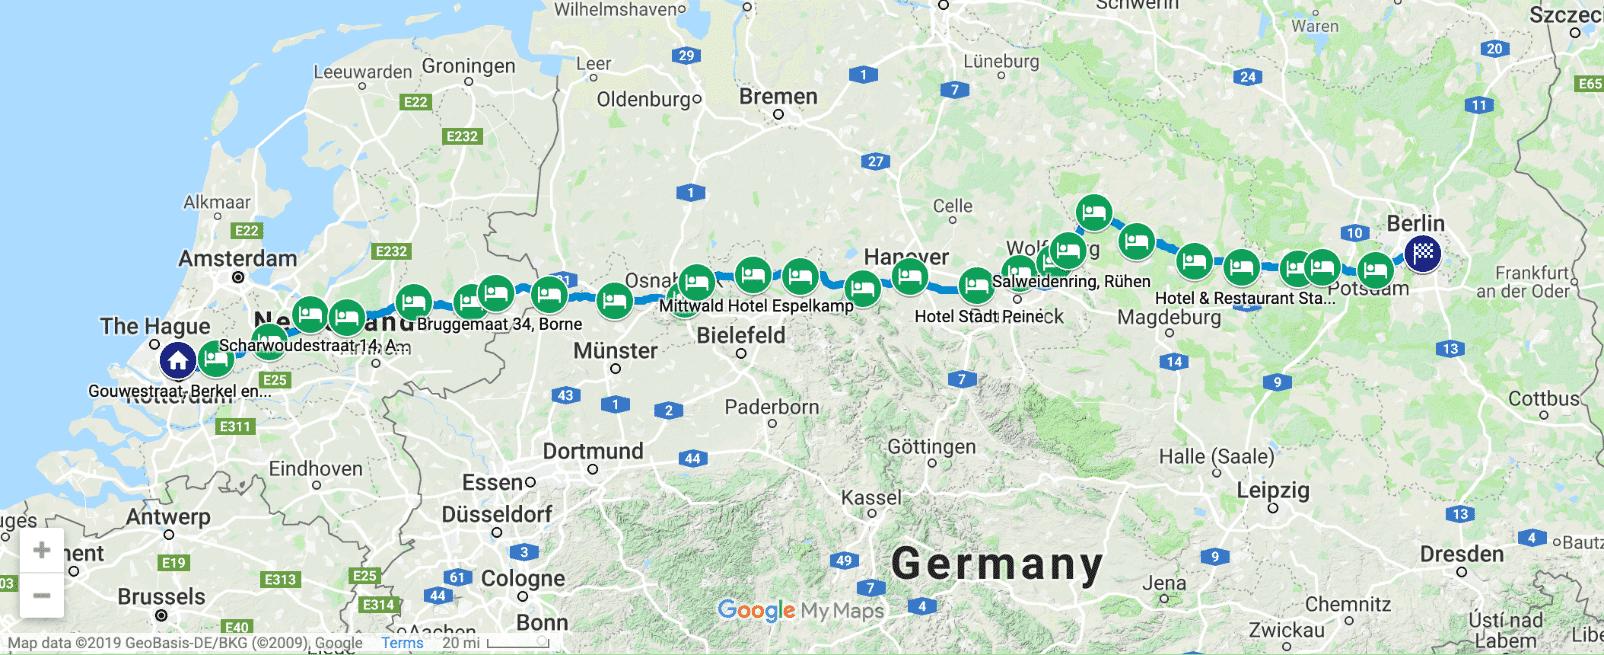 De looproute naar WordCamp Europe